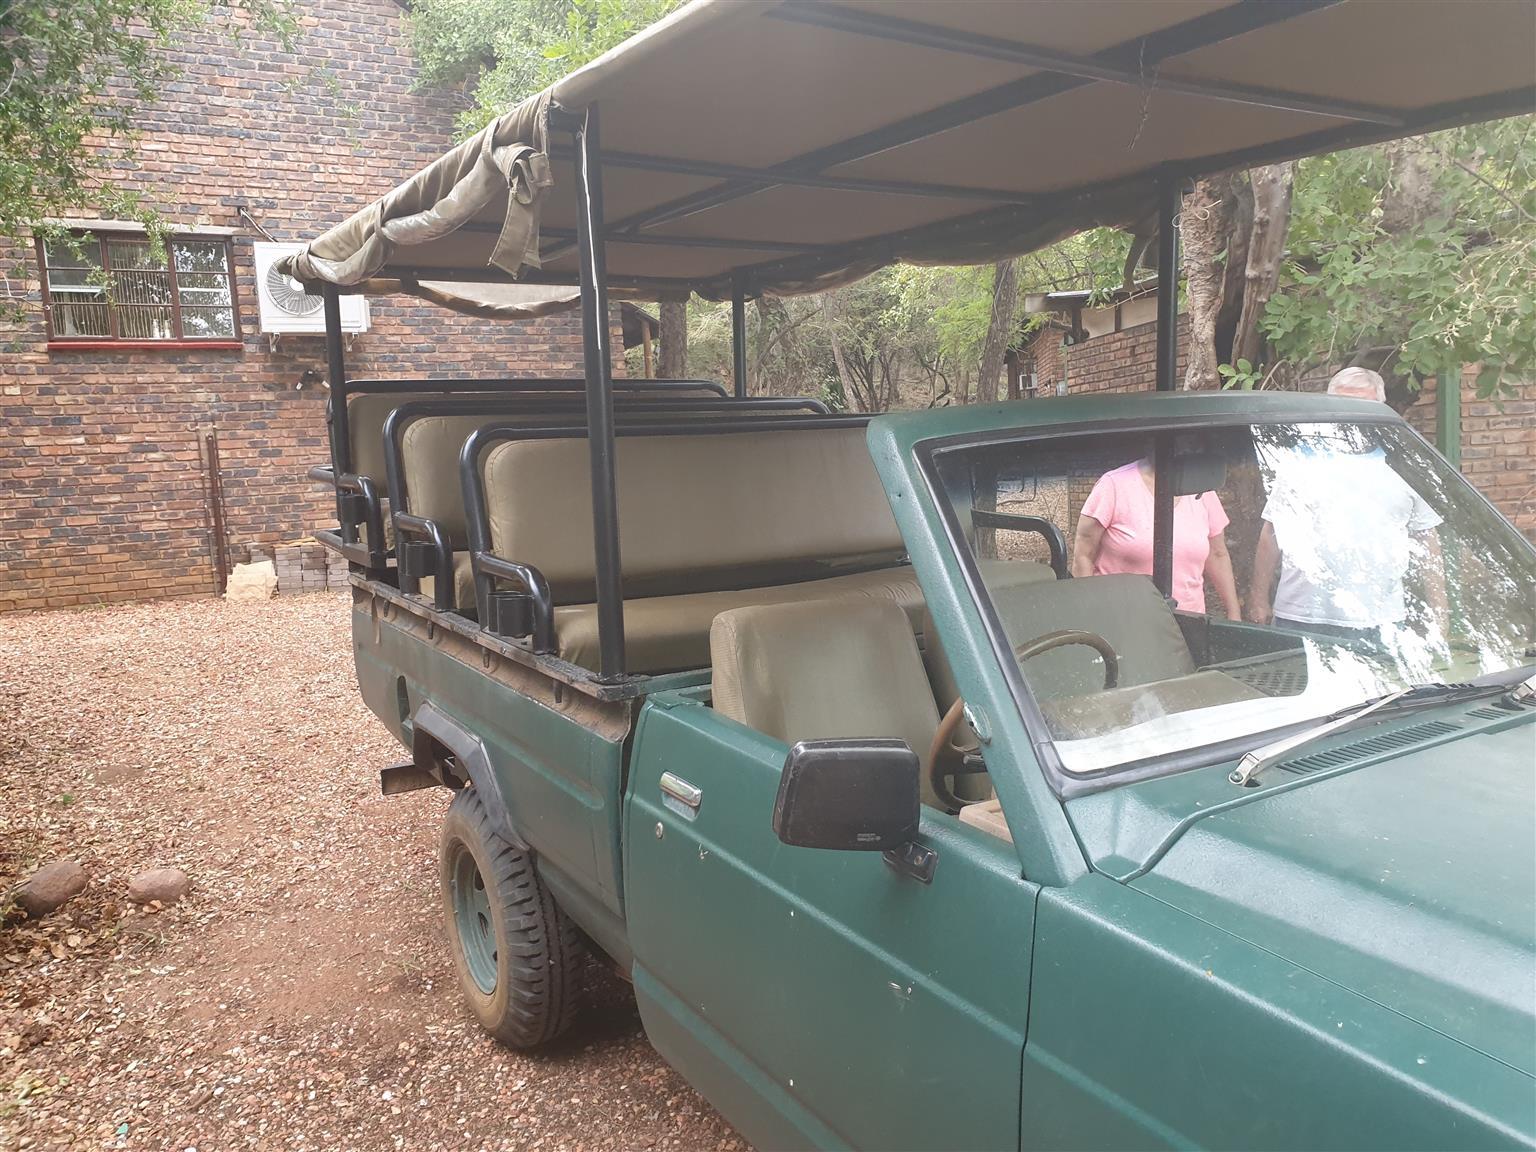 Gameviewer safari vehicle wildsvoertuig